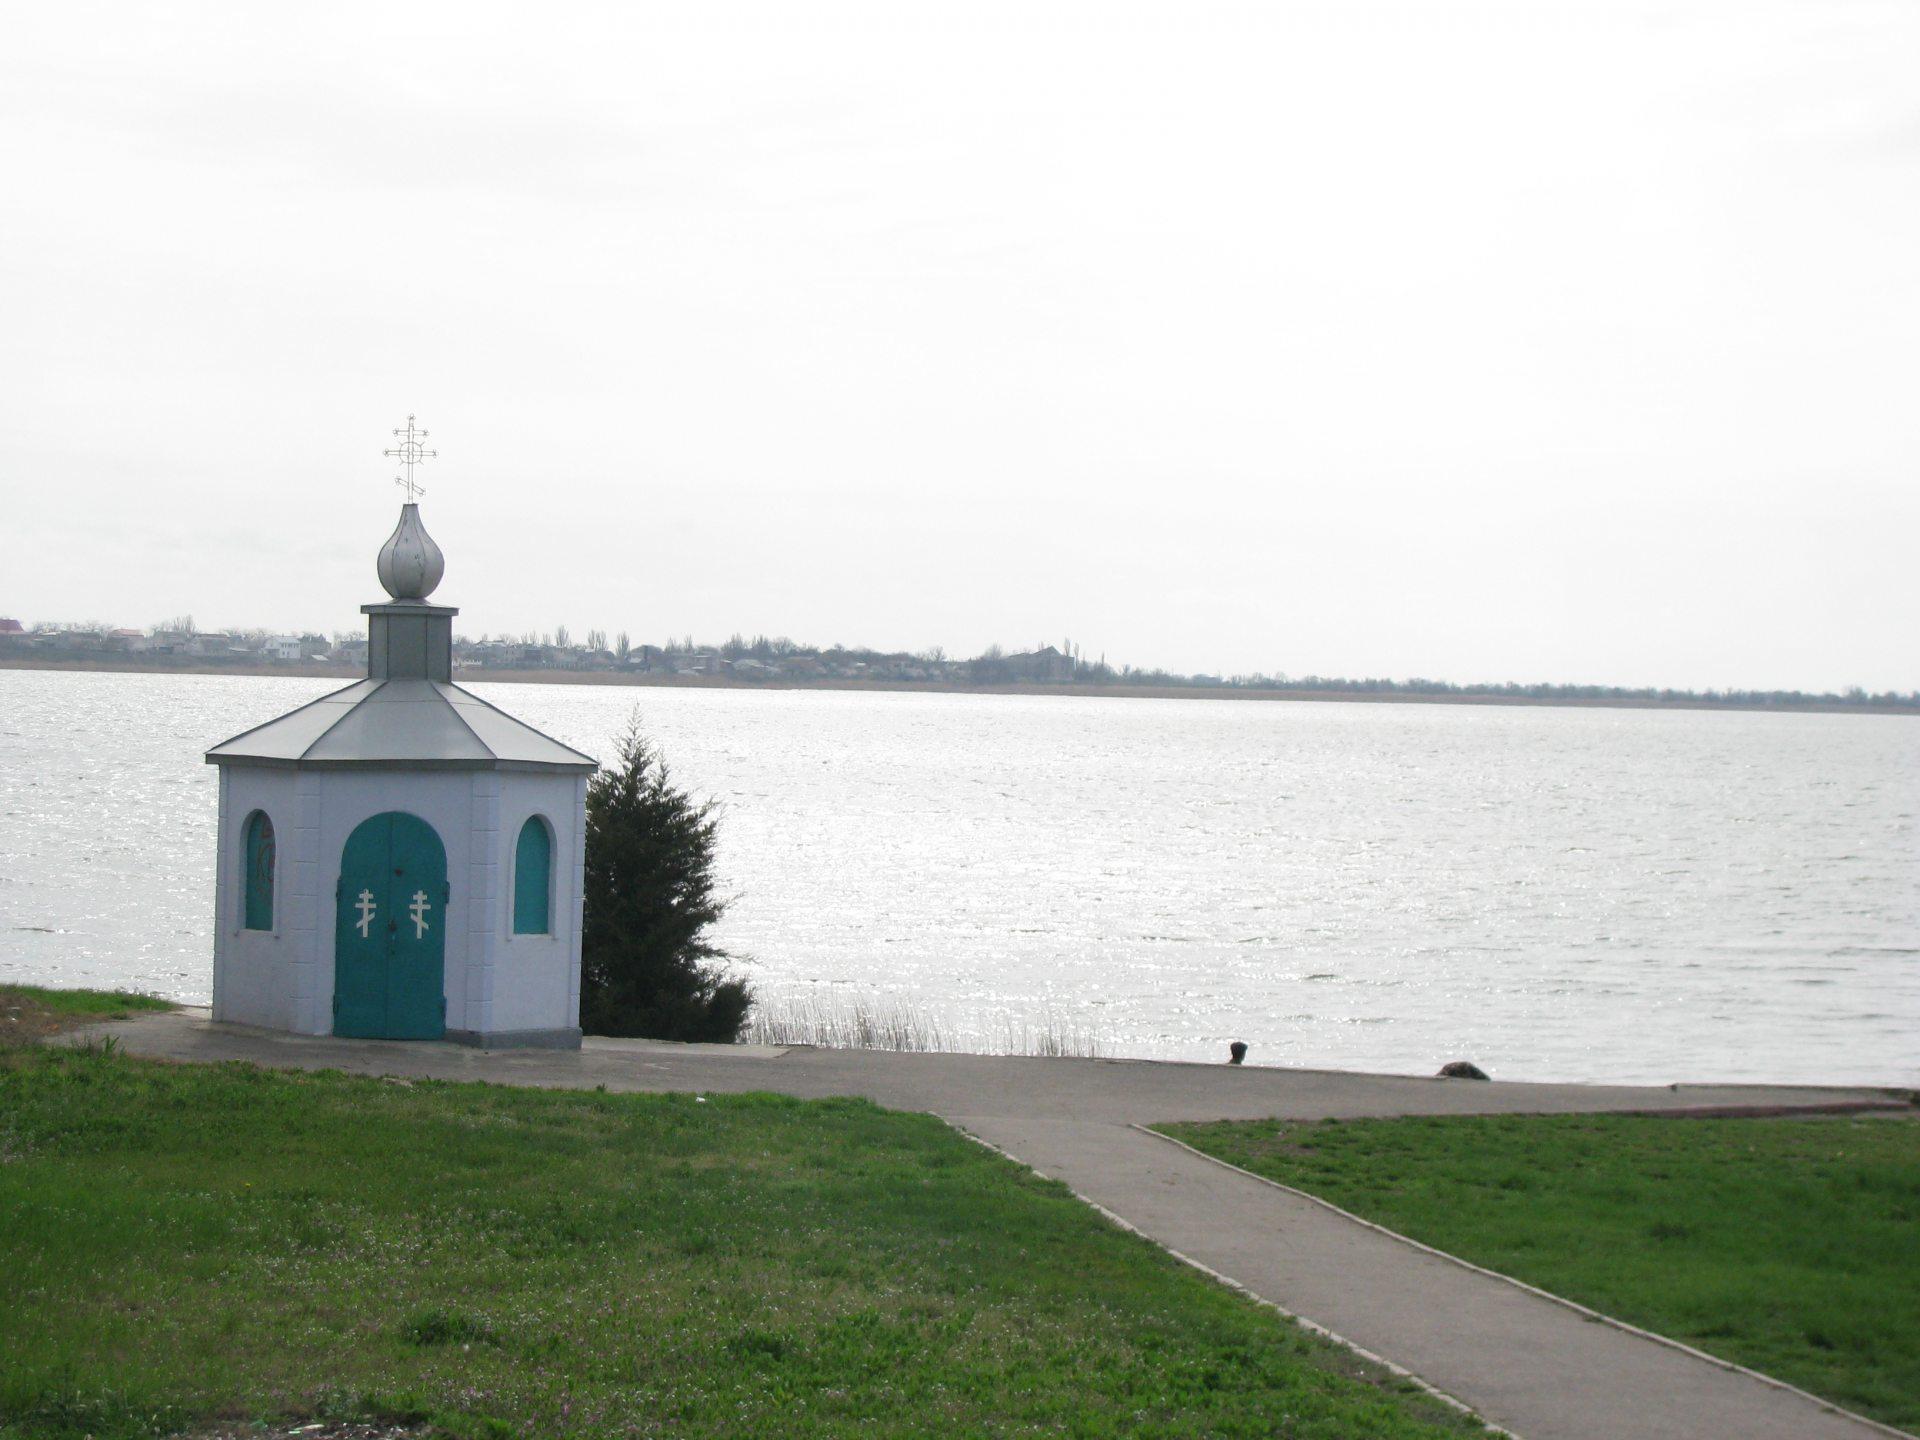 целебный иссточник, озеро белое, паломники